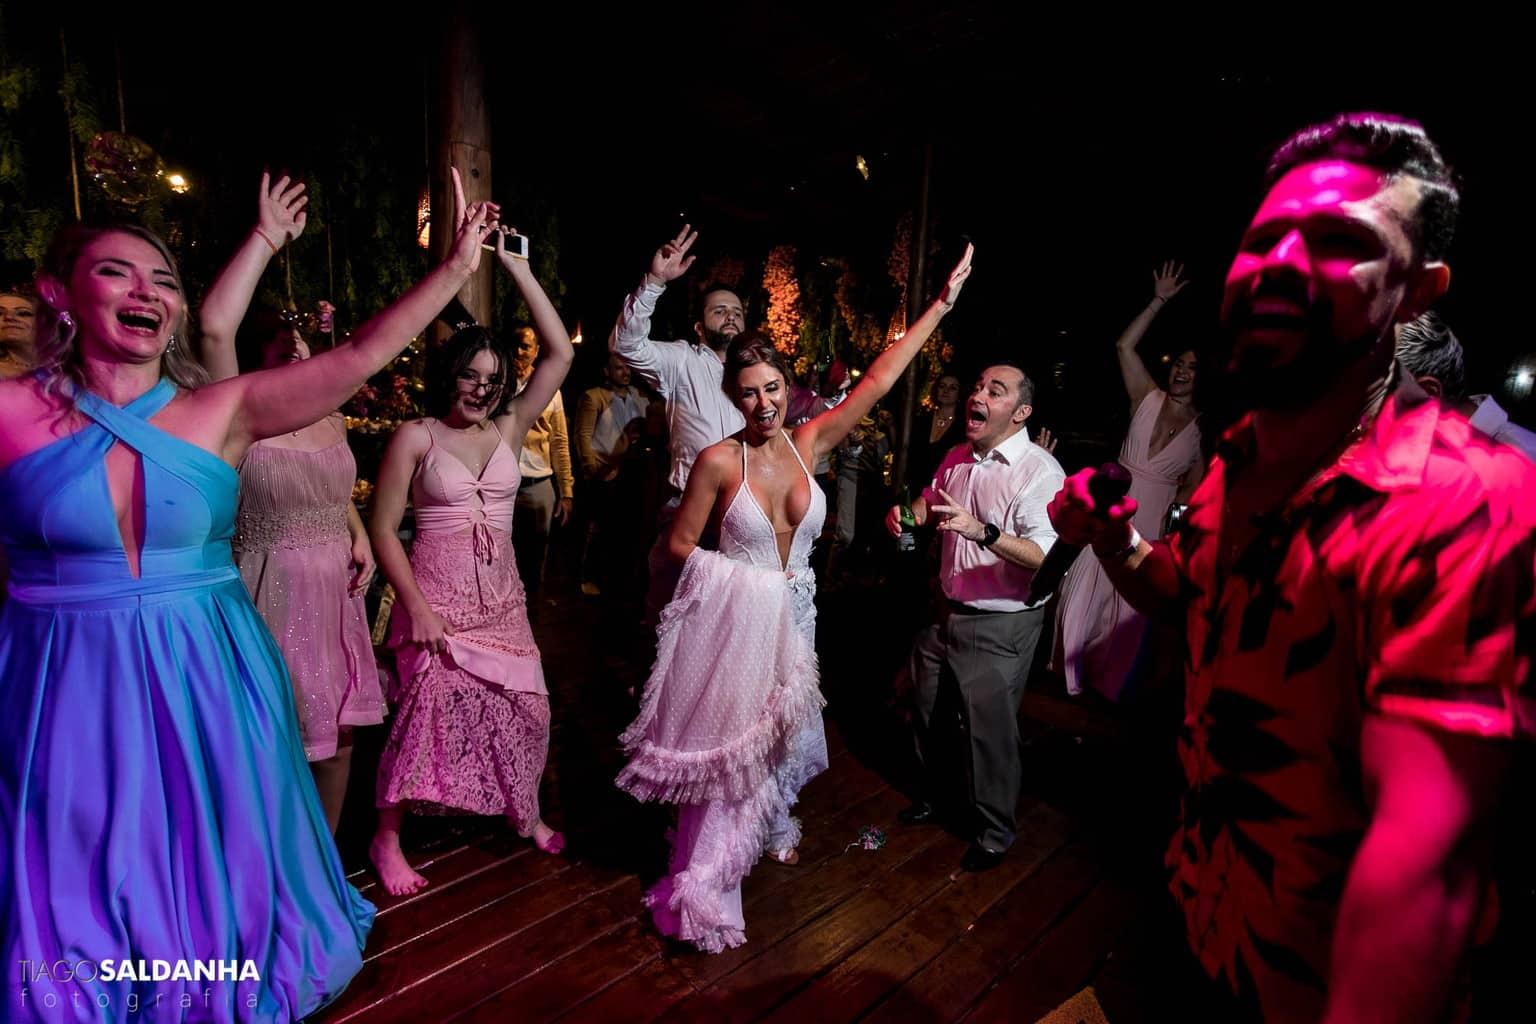 Aliança-no-Espelho-Casamento-Chandrélin-e-Laureano-cerimonia-na-praia-Chan-e-Lau-noivos-na-pista-Rio-da-Barra38